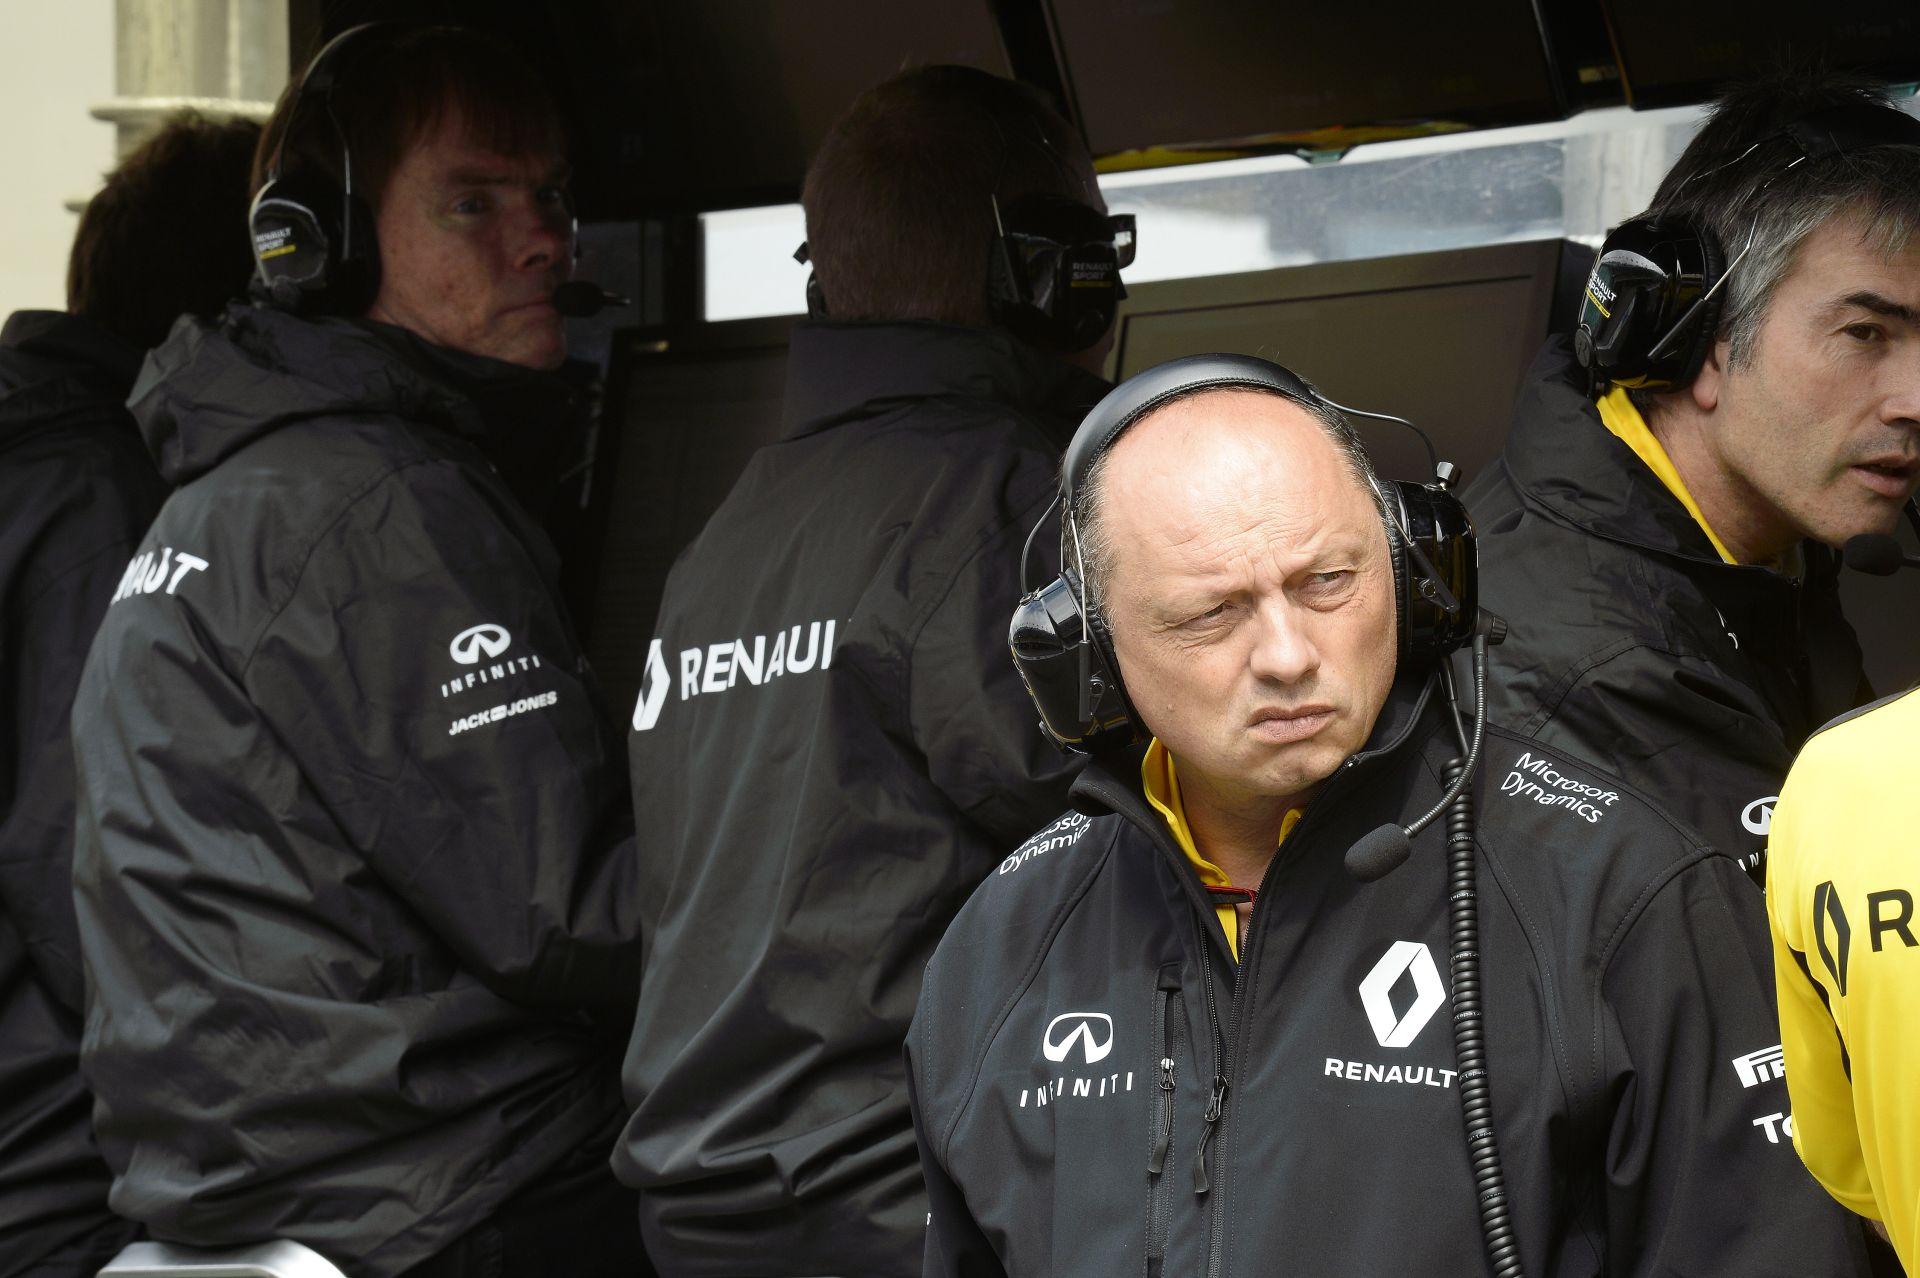 Kellemes meglepetés a Renault-nál: a Force India és a Williams ellen harcoltak